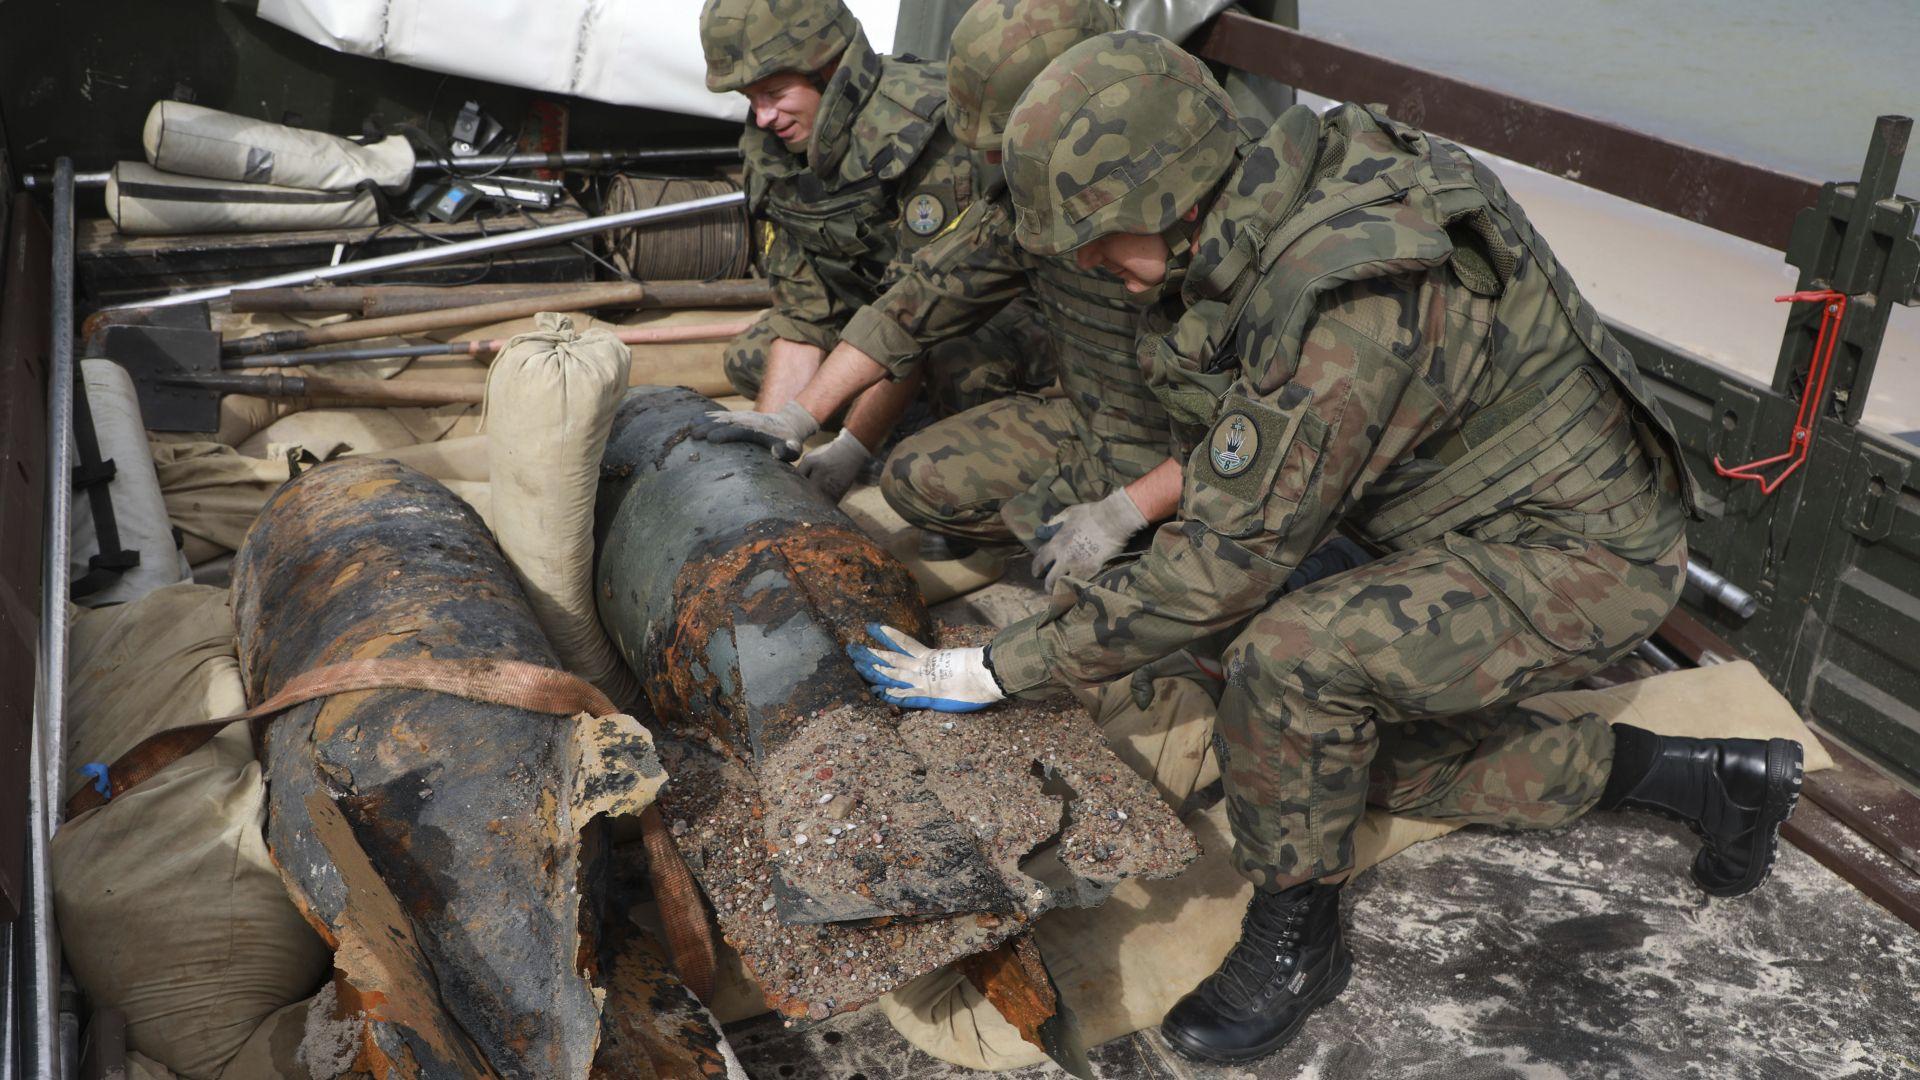 Извадиха 3 бомби от Балтийско море край курорт в Полша (снимки)